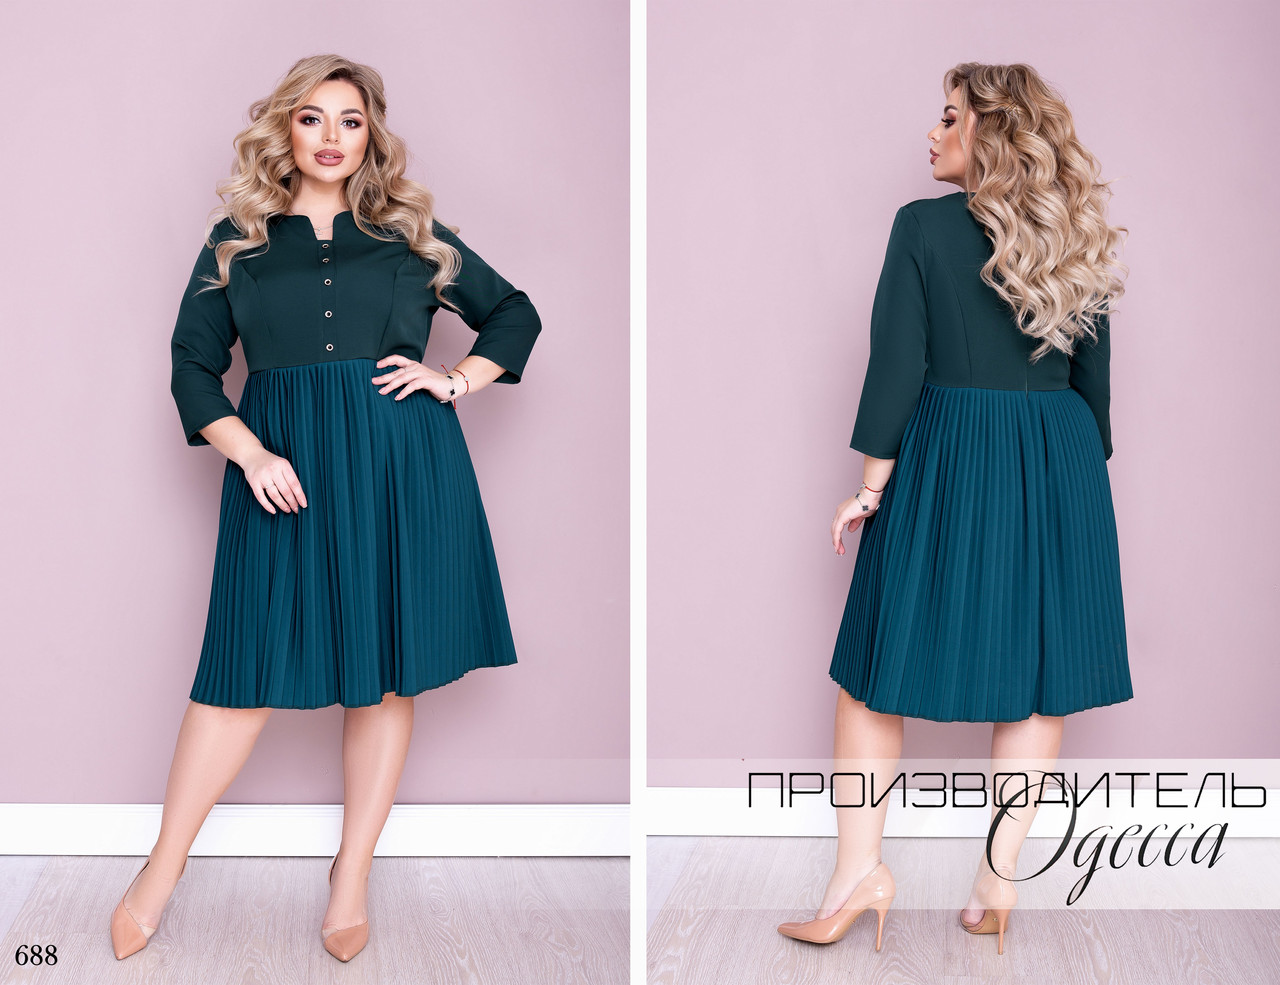 Платье с юбкой плиссе с поясом креп-косюмка 48-50,52-54,56-58